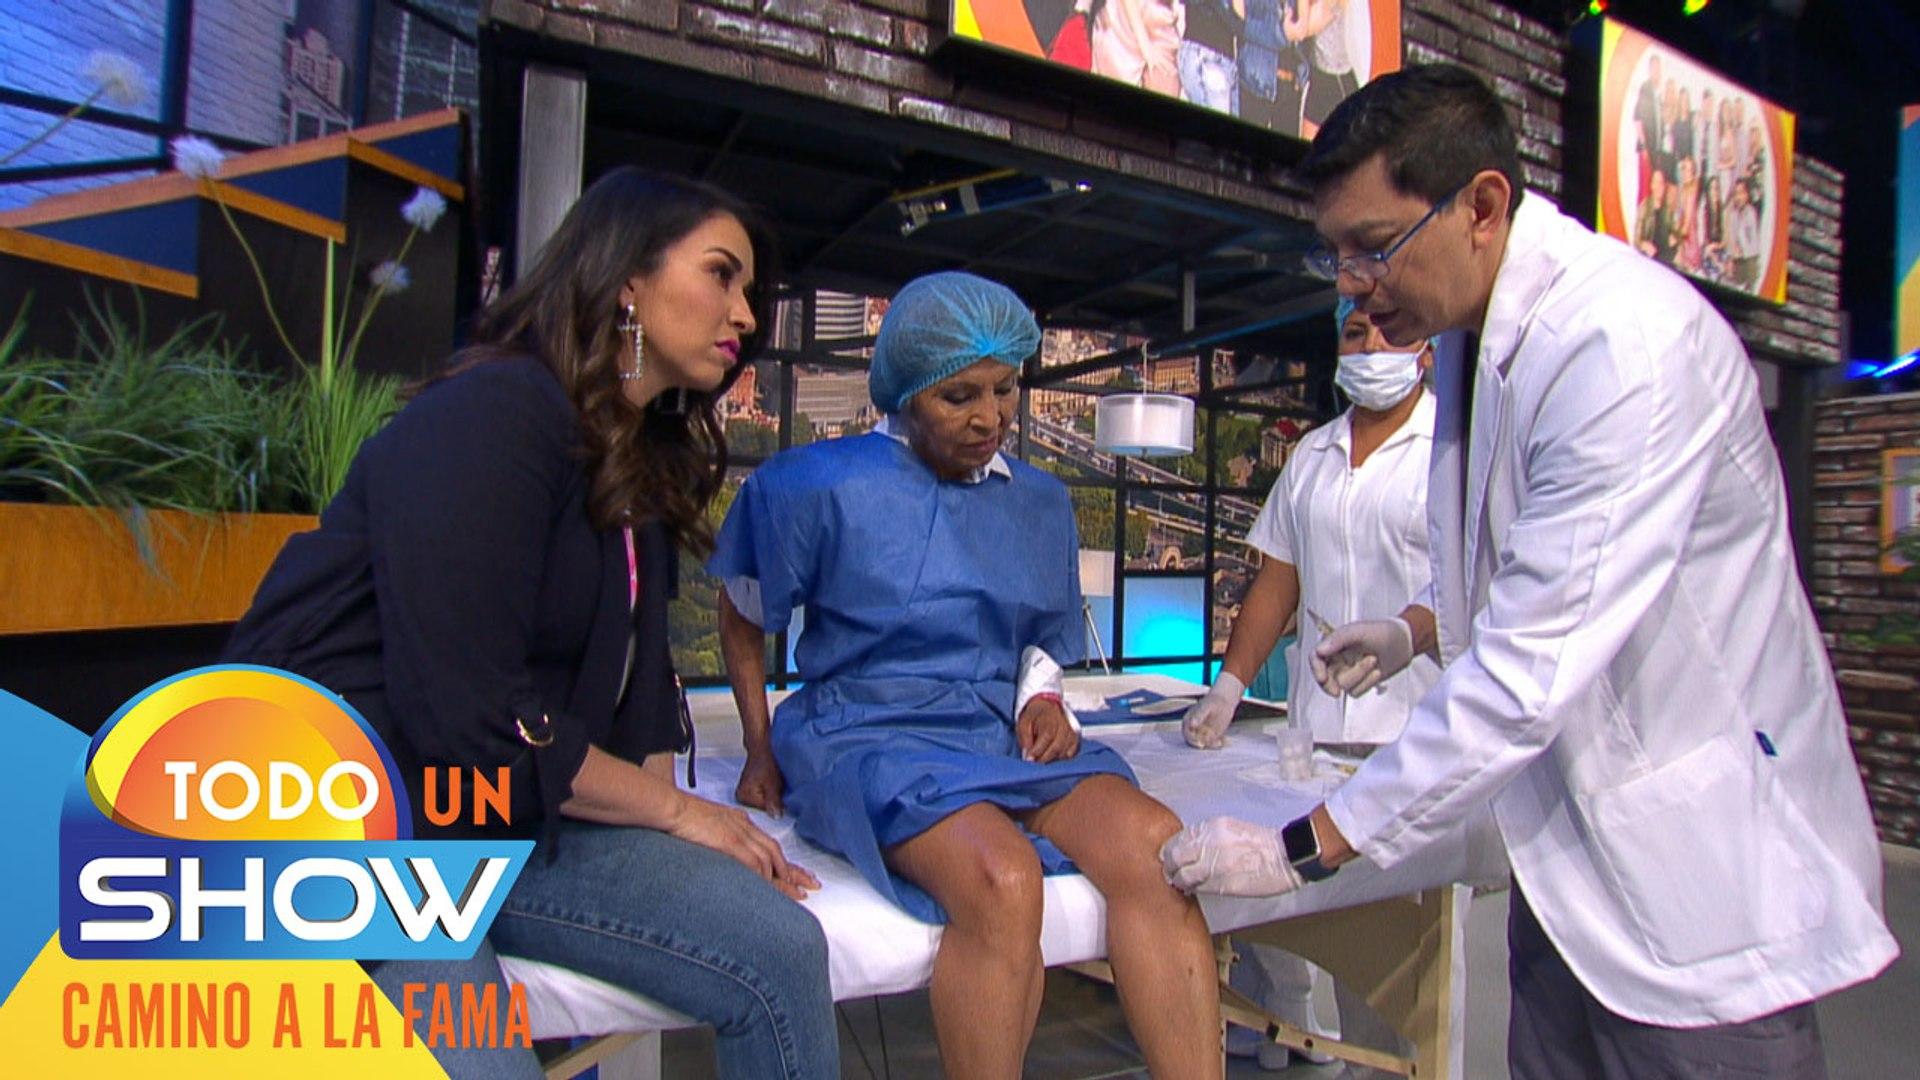 Todo Un Show   ¡Si sufres de dolor en la rodilla este método puede ser el indicado para ti!